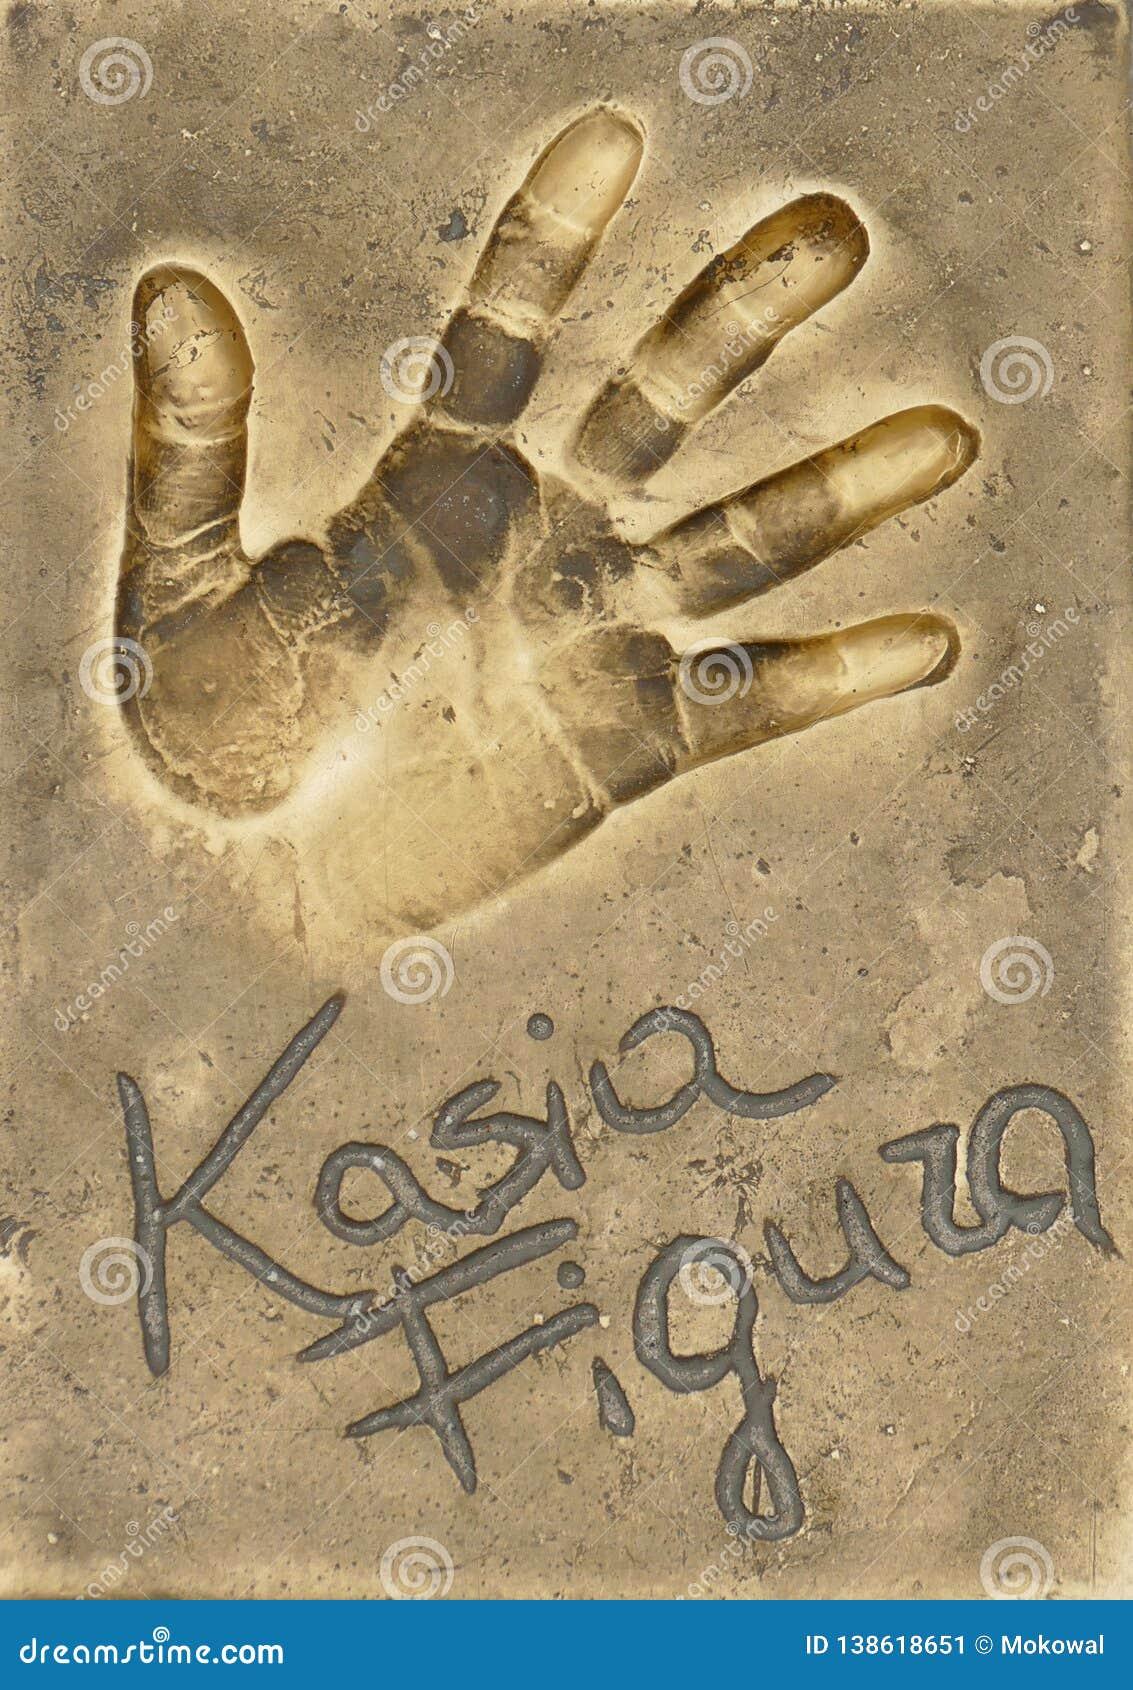 Ένα handprint της διάσημης πολωνικής ηθοποιού Katarzyna Figura έκανε σε ένα πιάτο ορείχαλκου